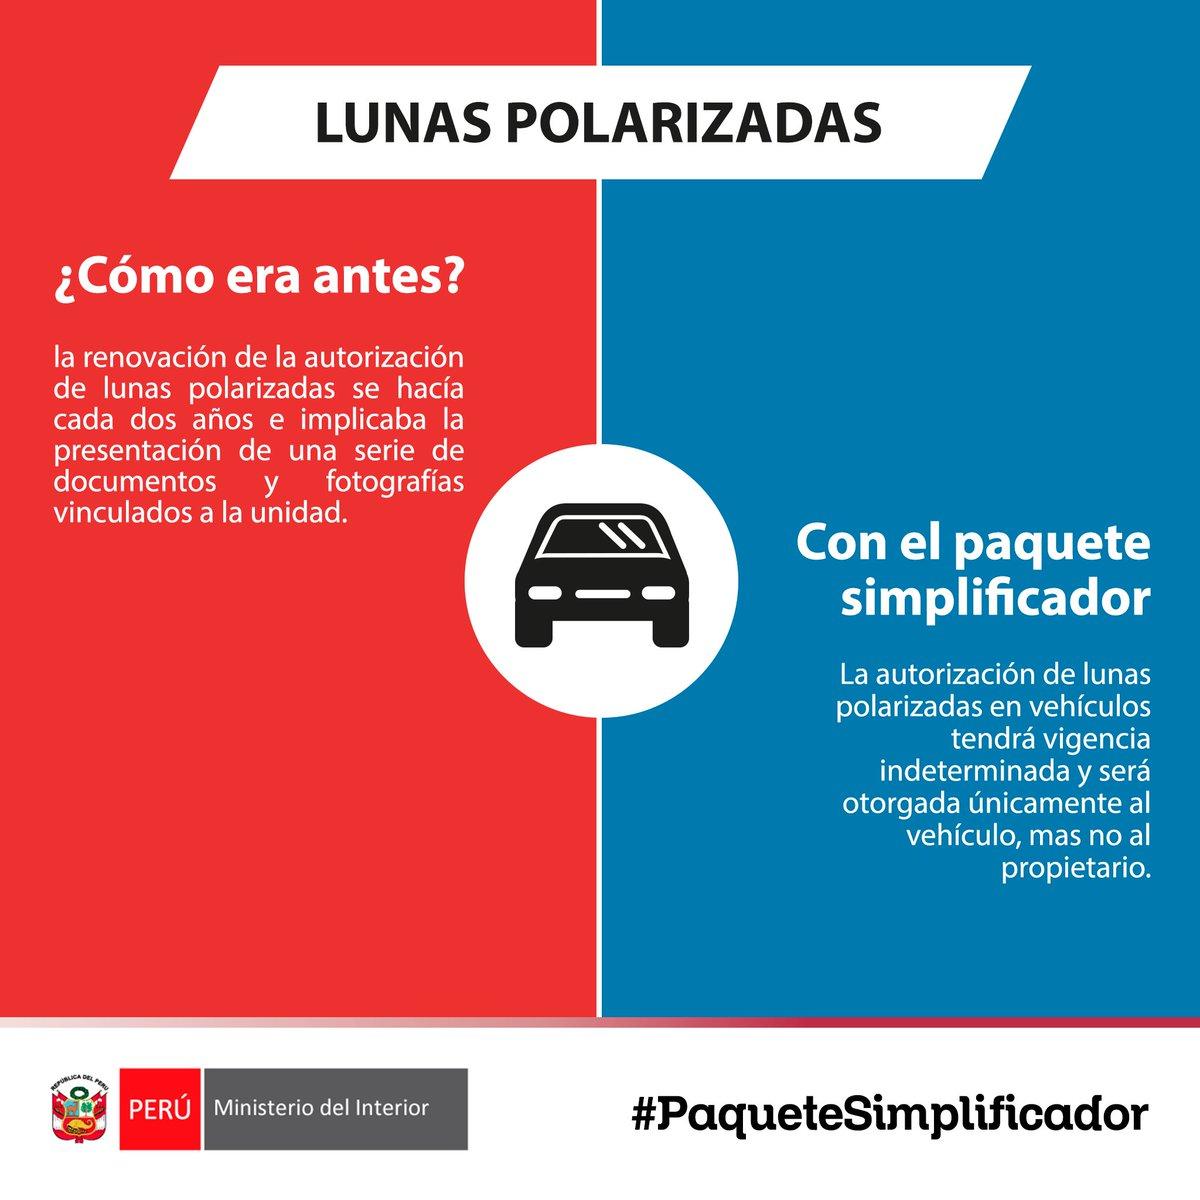 Mininter per on twitter simplificaci n de permiso de lunas polarizadas busca facilitar tr mite a los ciudadanos